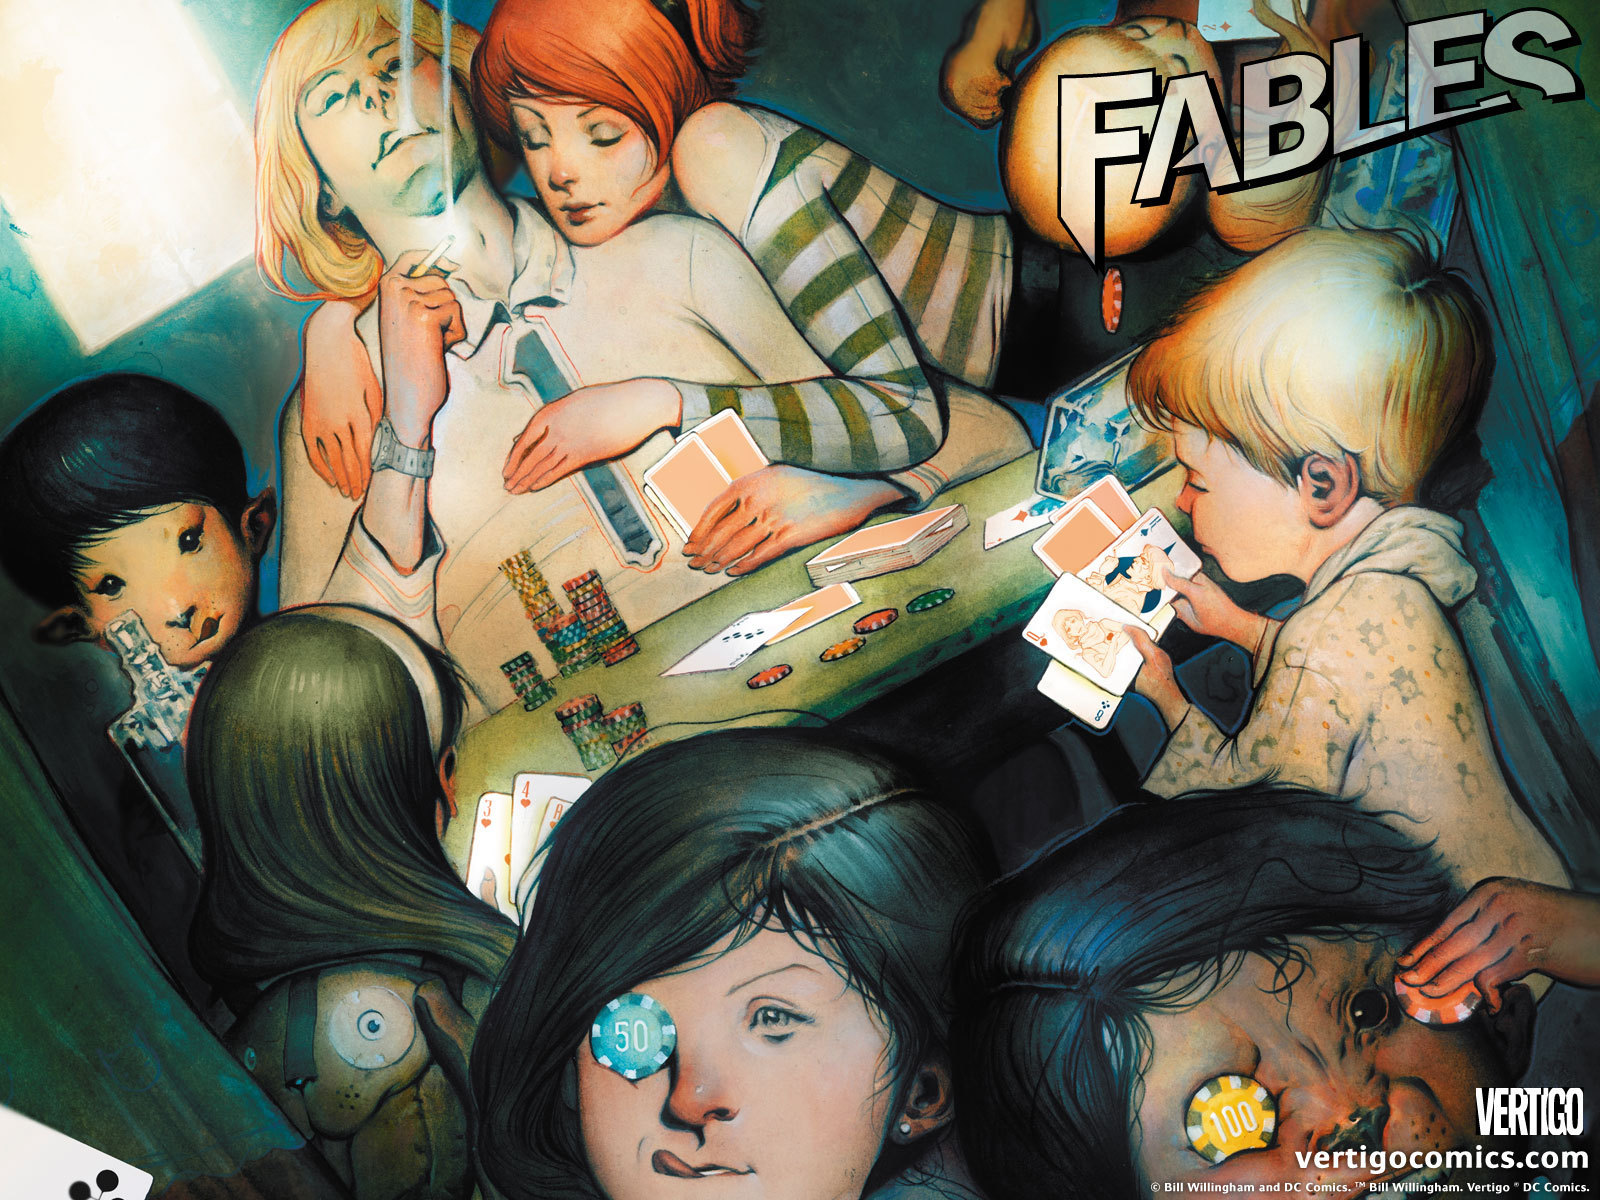 Vertigo Comics images Fables | Official Vertigo Wallpapers ...